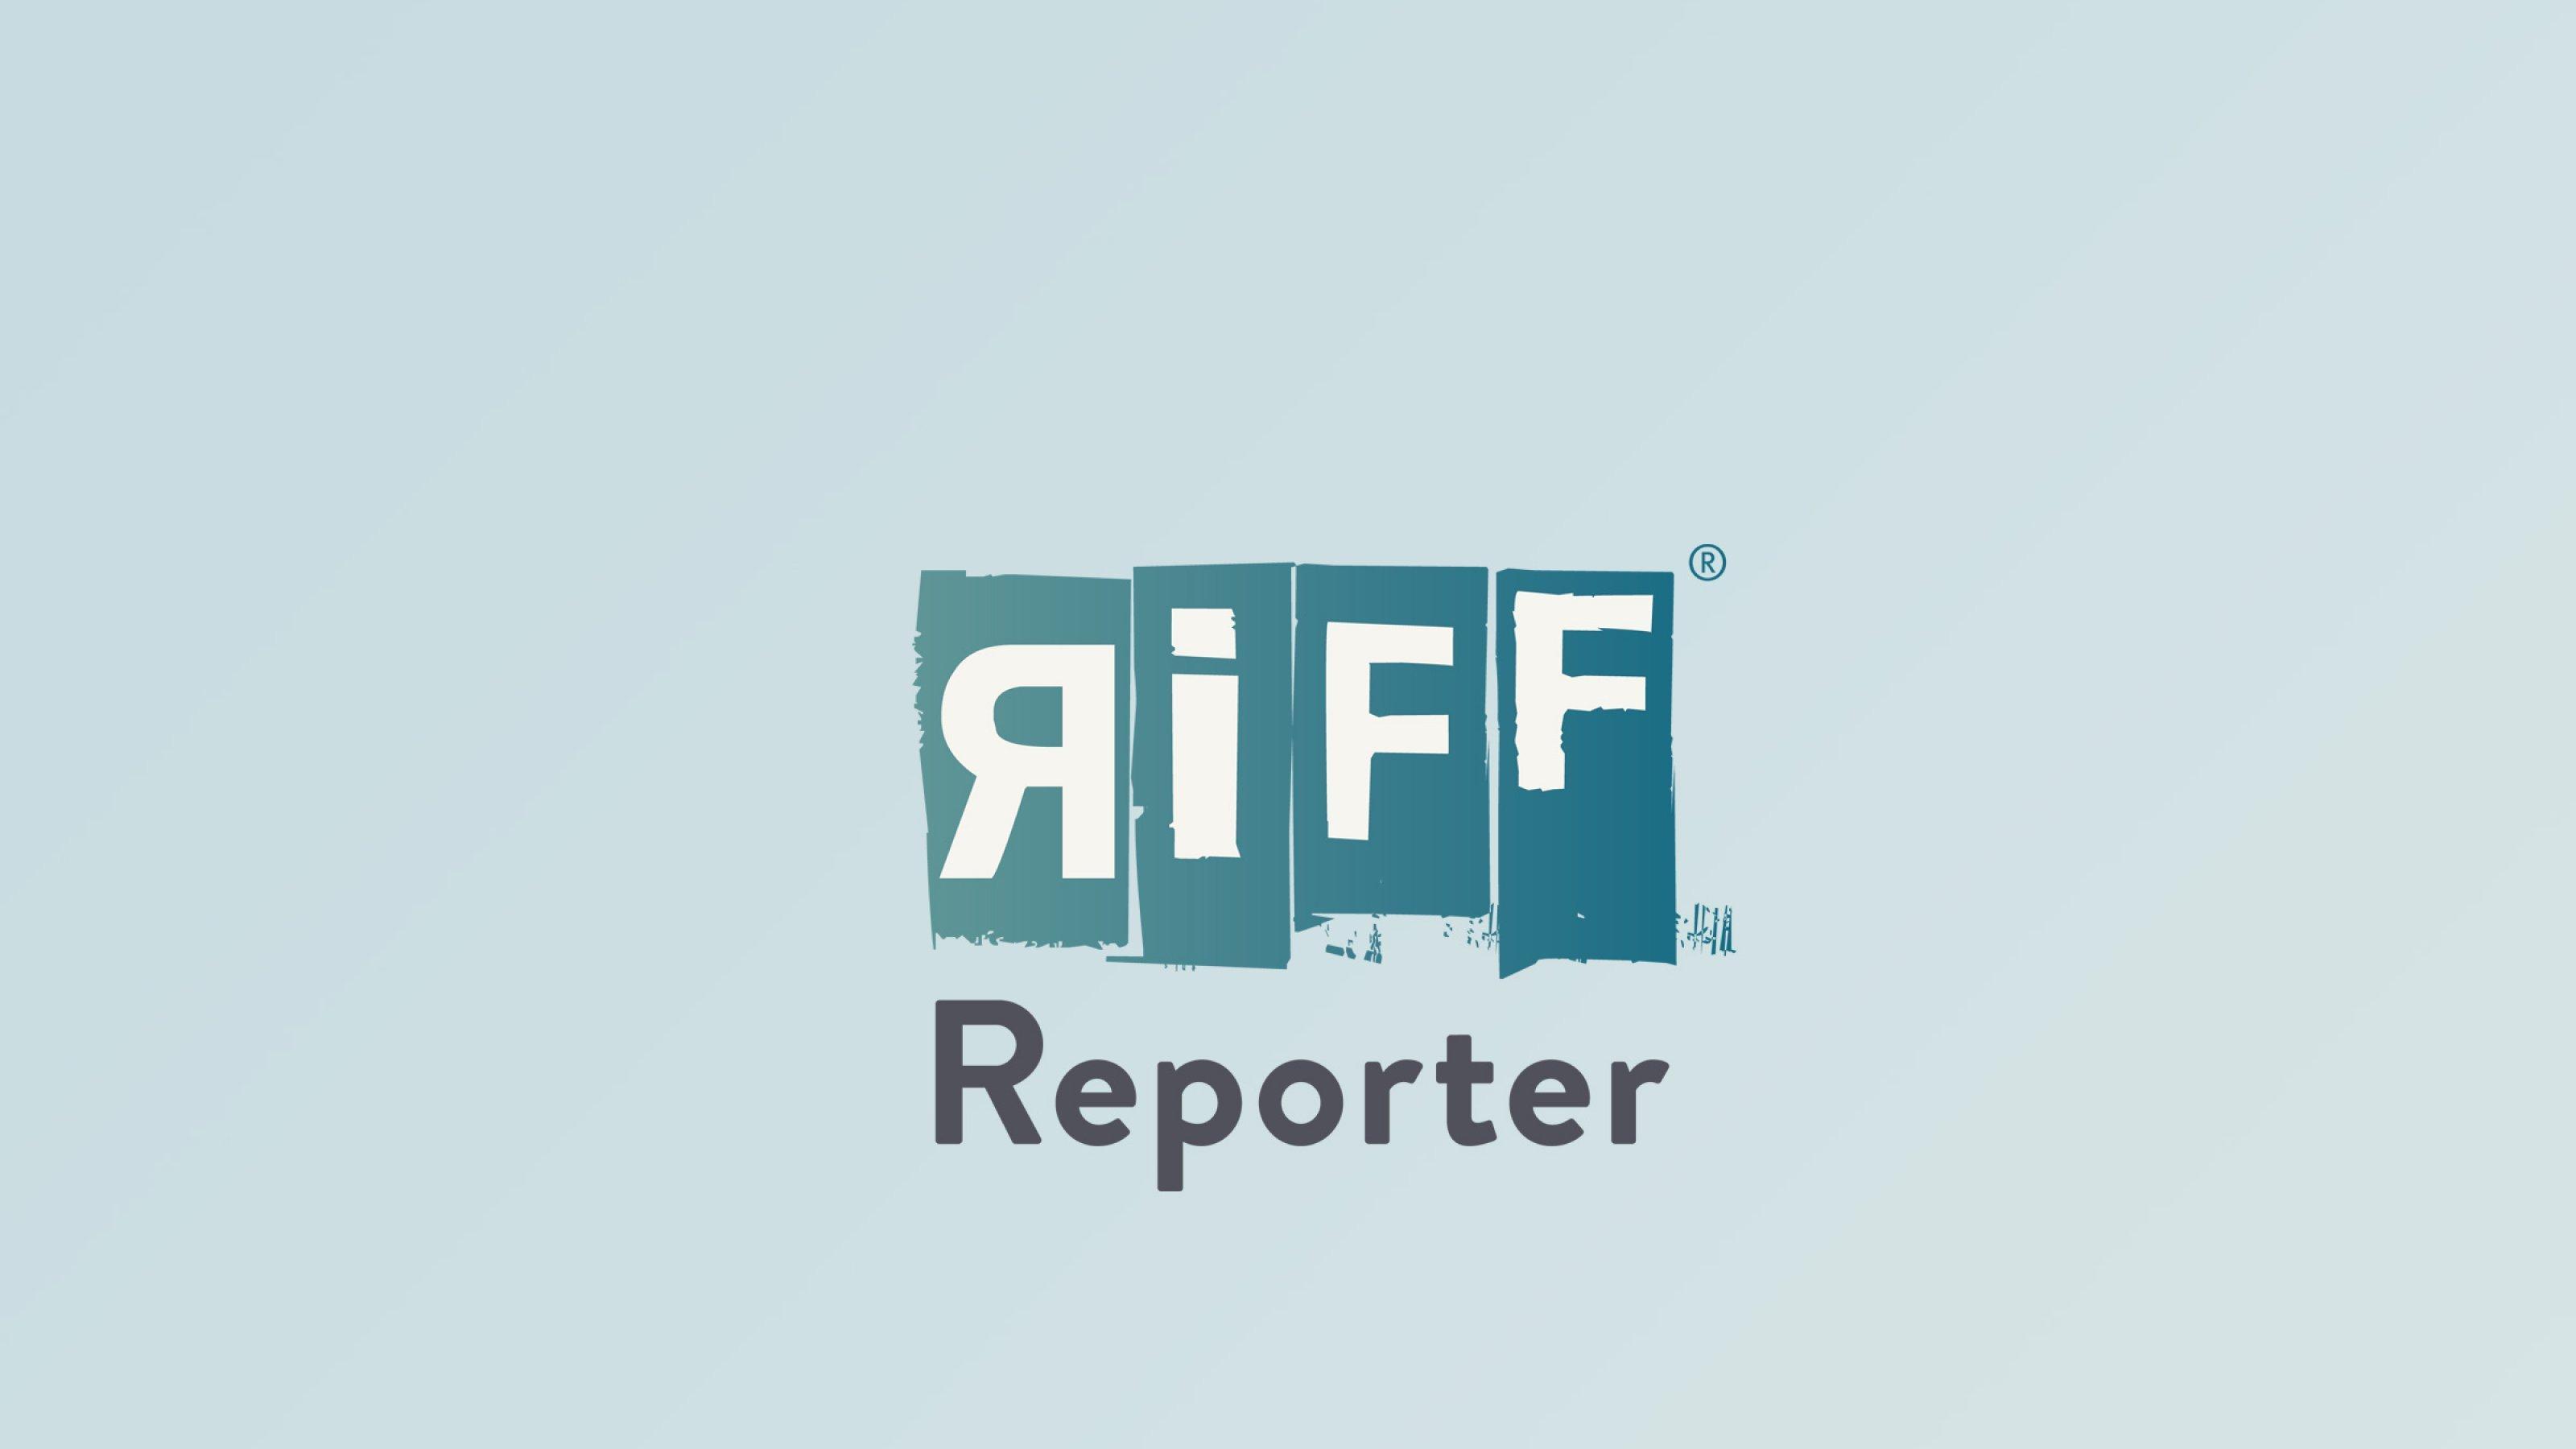 Profilfoto von Kerstin Zilm, schwarz-weiss, lächelnde Frau vor dunklem Hintergrund